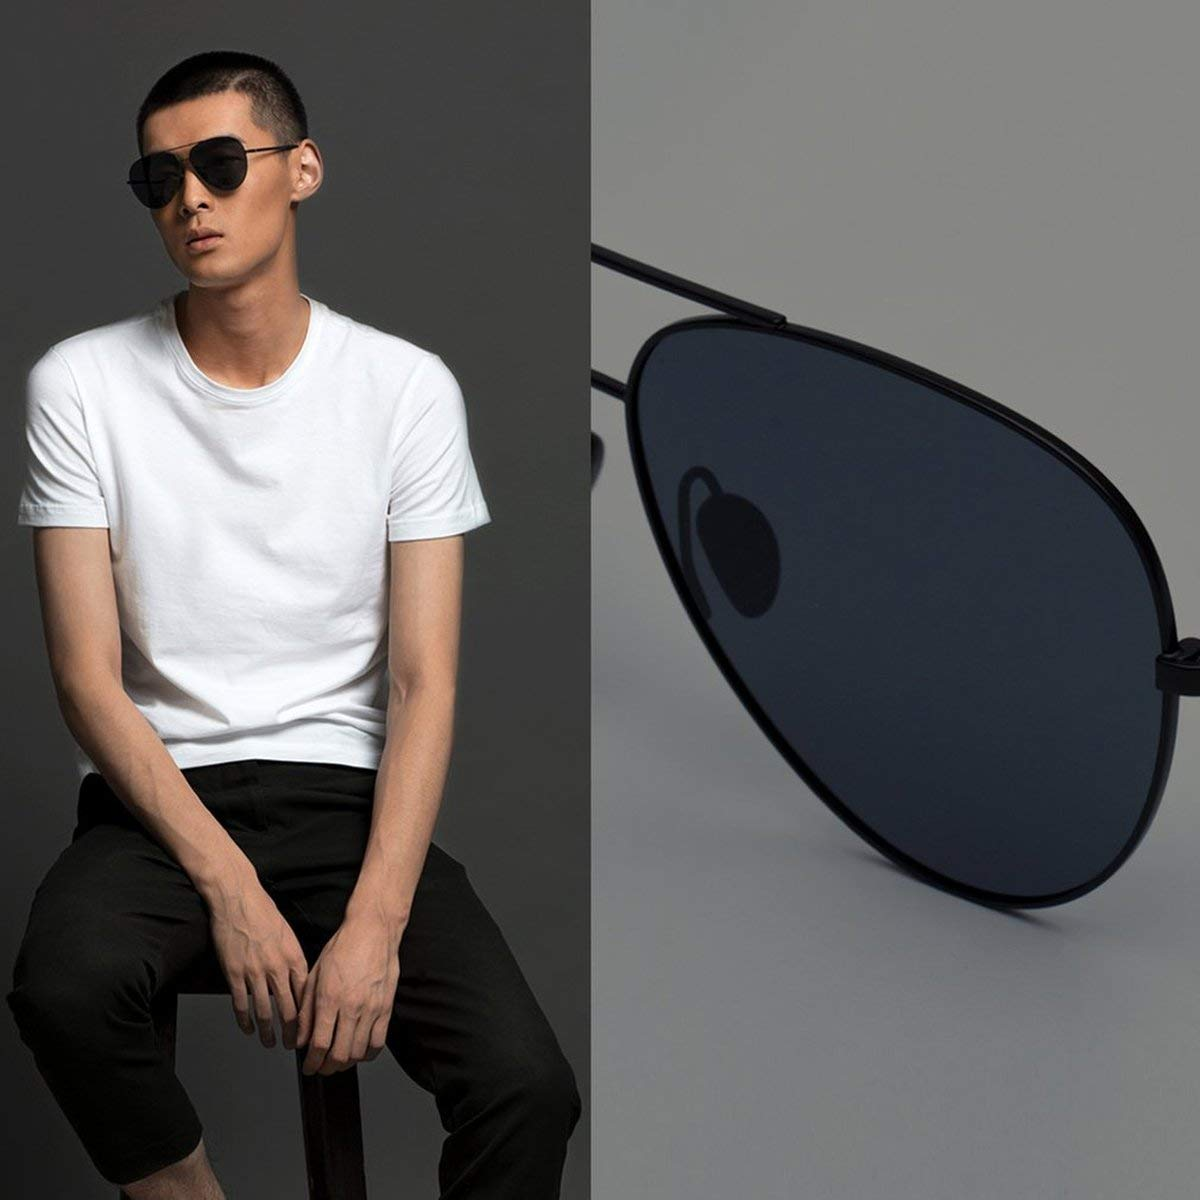 Gugutogo Xiaomi Mijia TS polarizadas Gafas de Sol UV400 Protección para el Recorrido Gris: Amazon.es: Deportes y aire libre